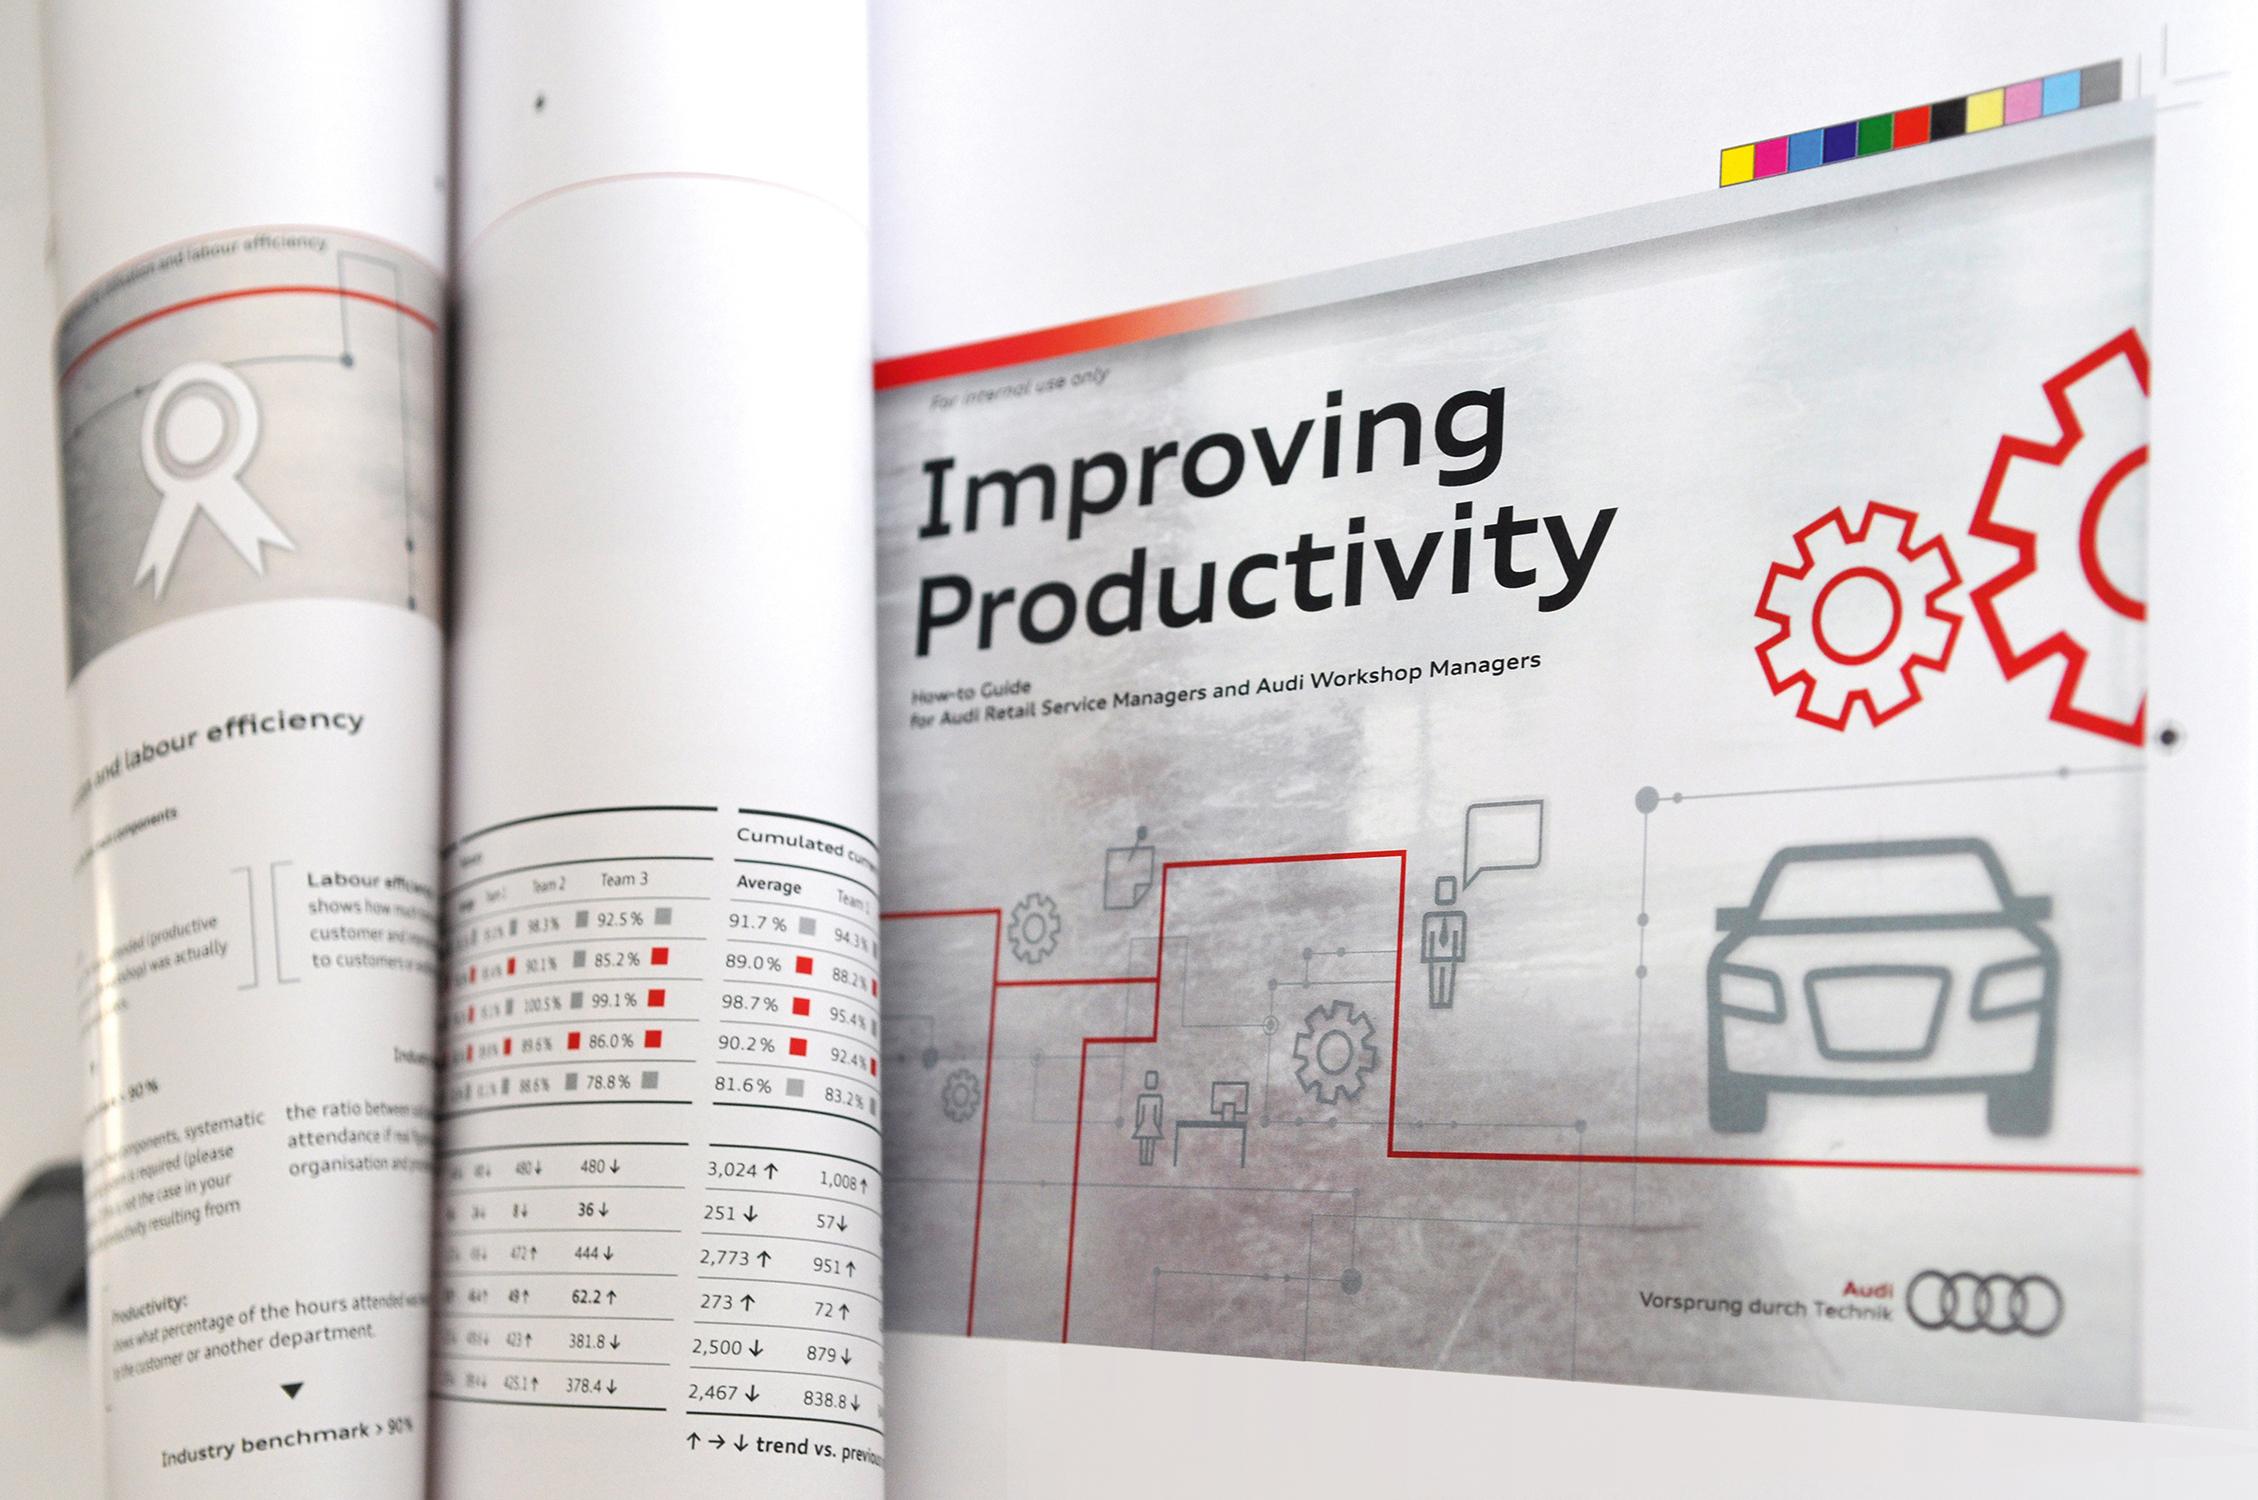 How-to Guide for Audi Retail Workshop Managers. i. Auftrag schnellervorlauf Ingolstadt